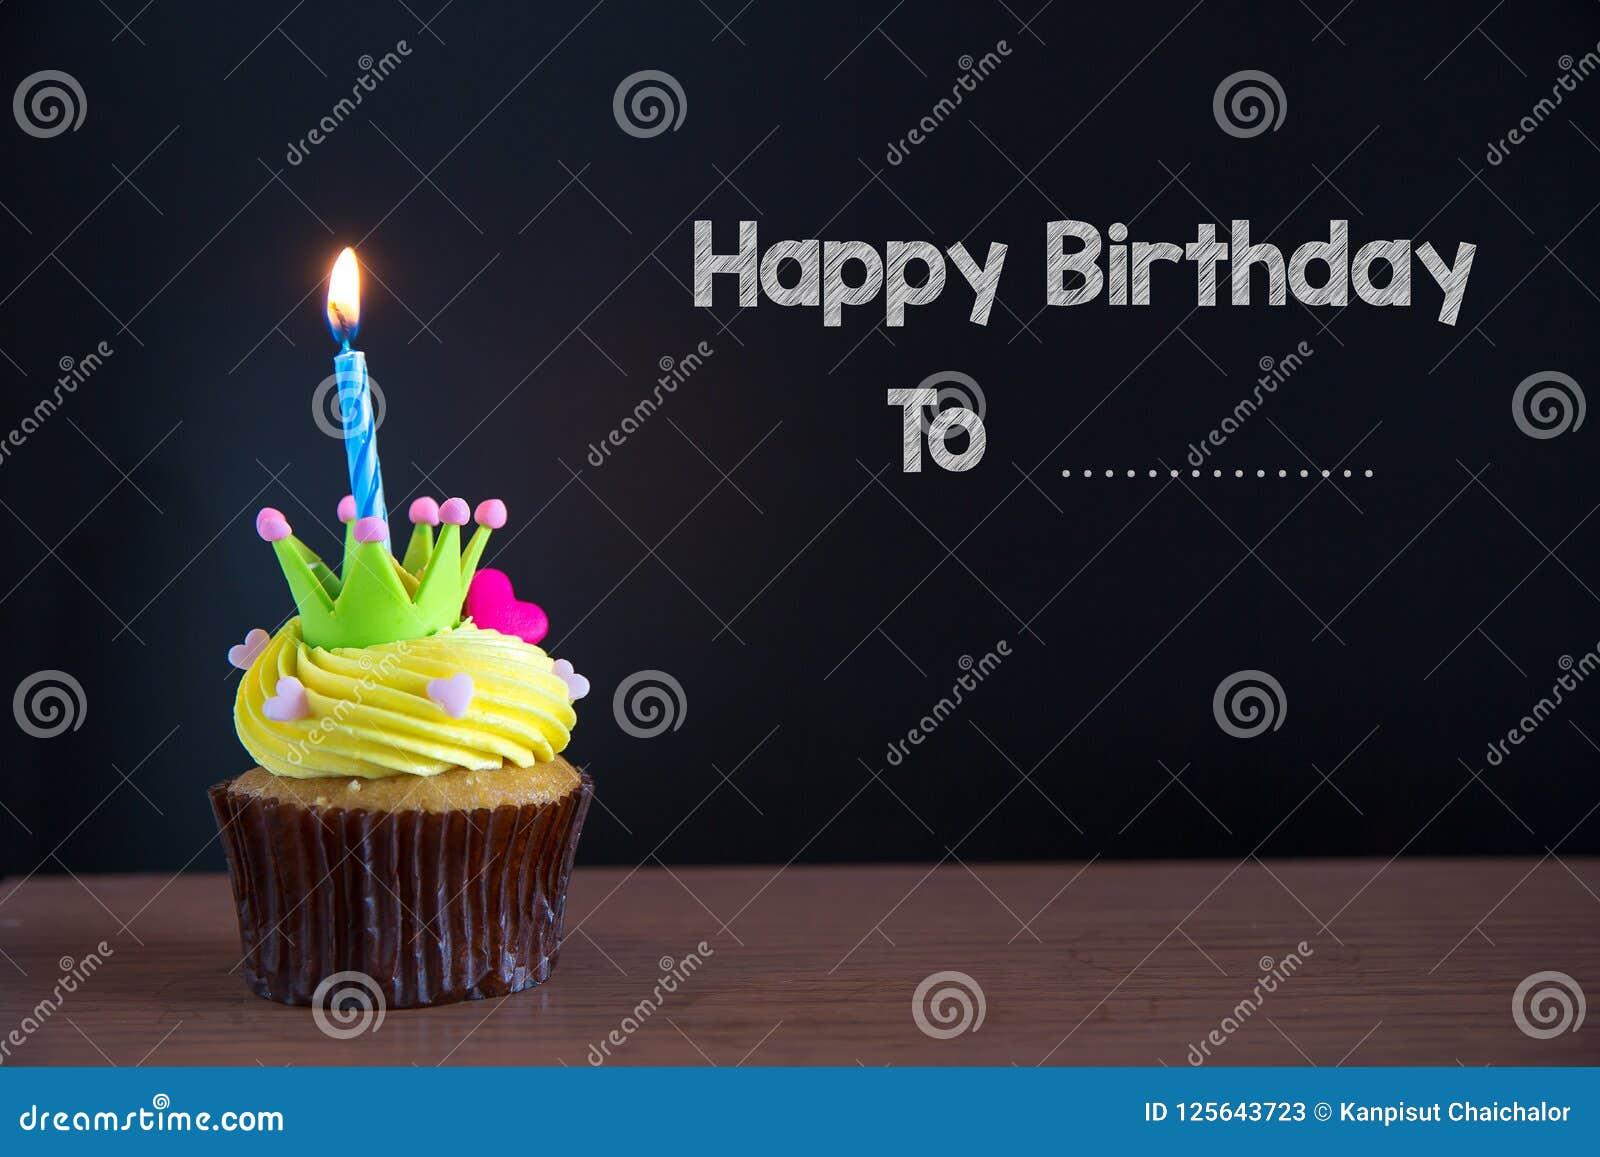 Coloque o bolo e feliz aniversário o texto no fundo do quadro